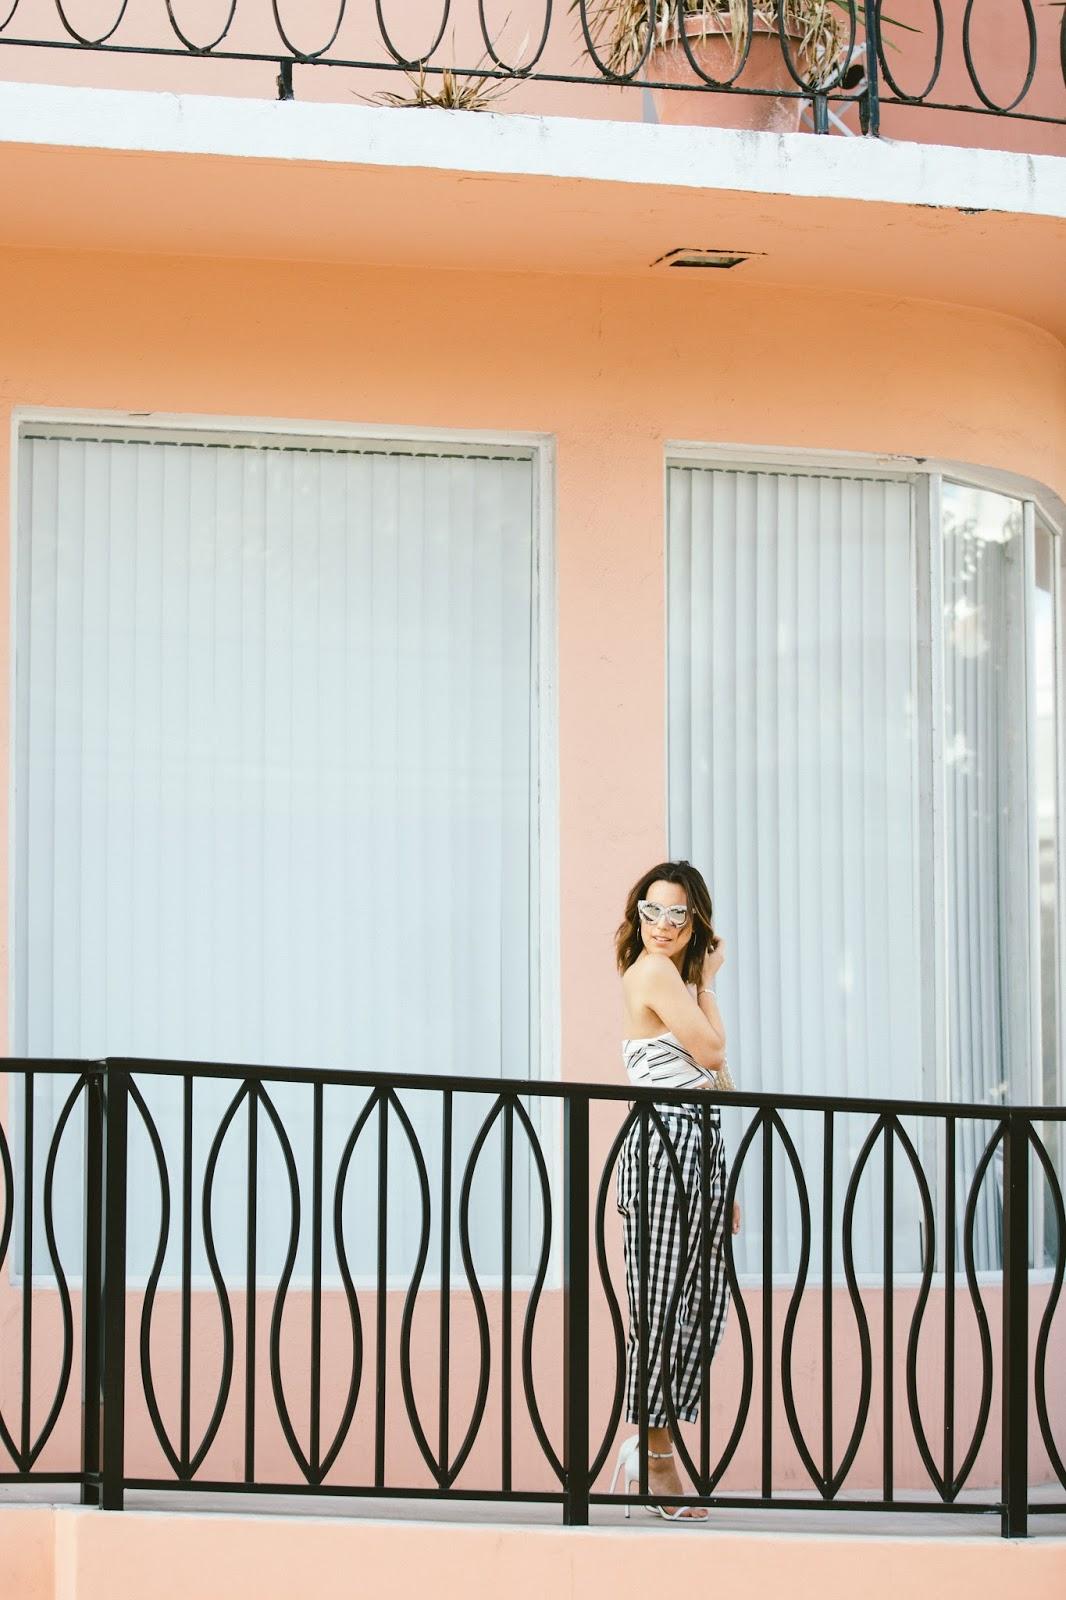 miami-fashion-blogger-kelly-saks